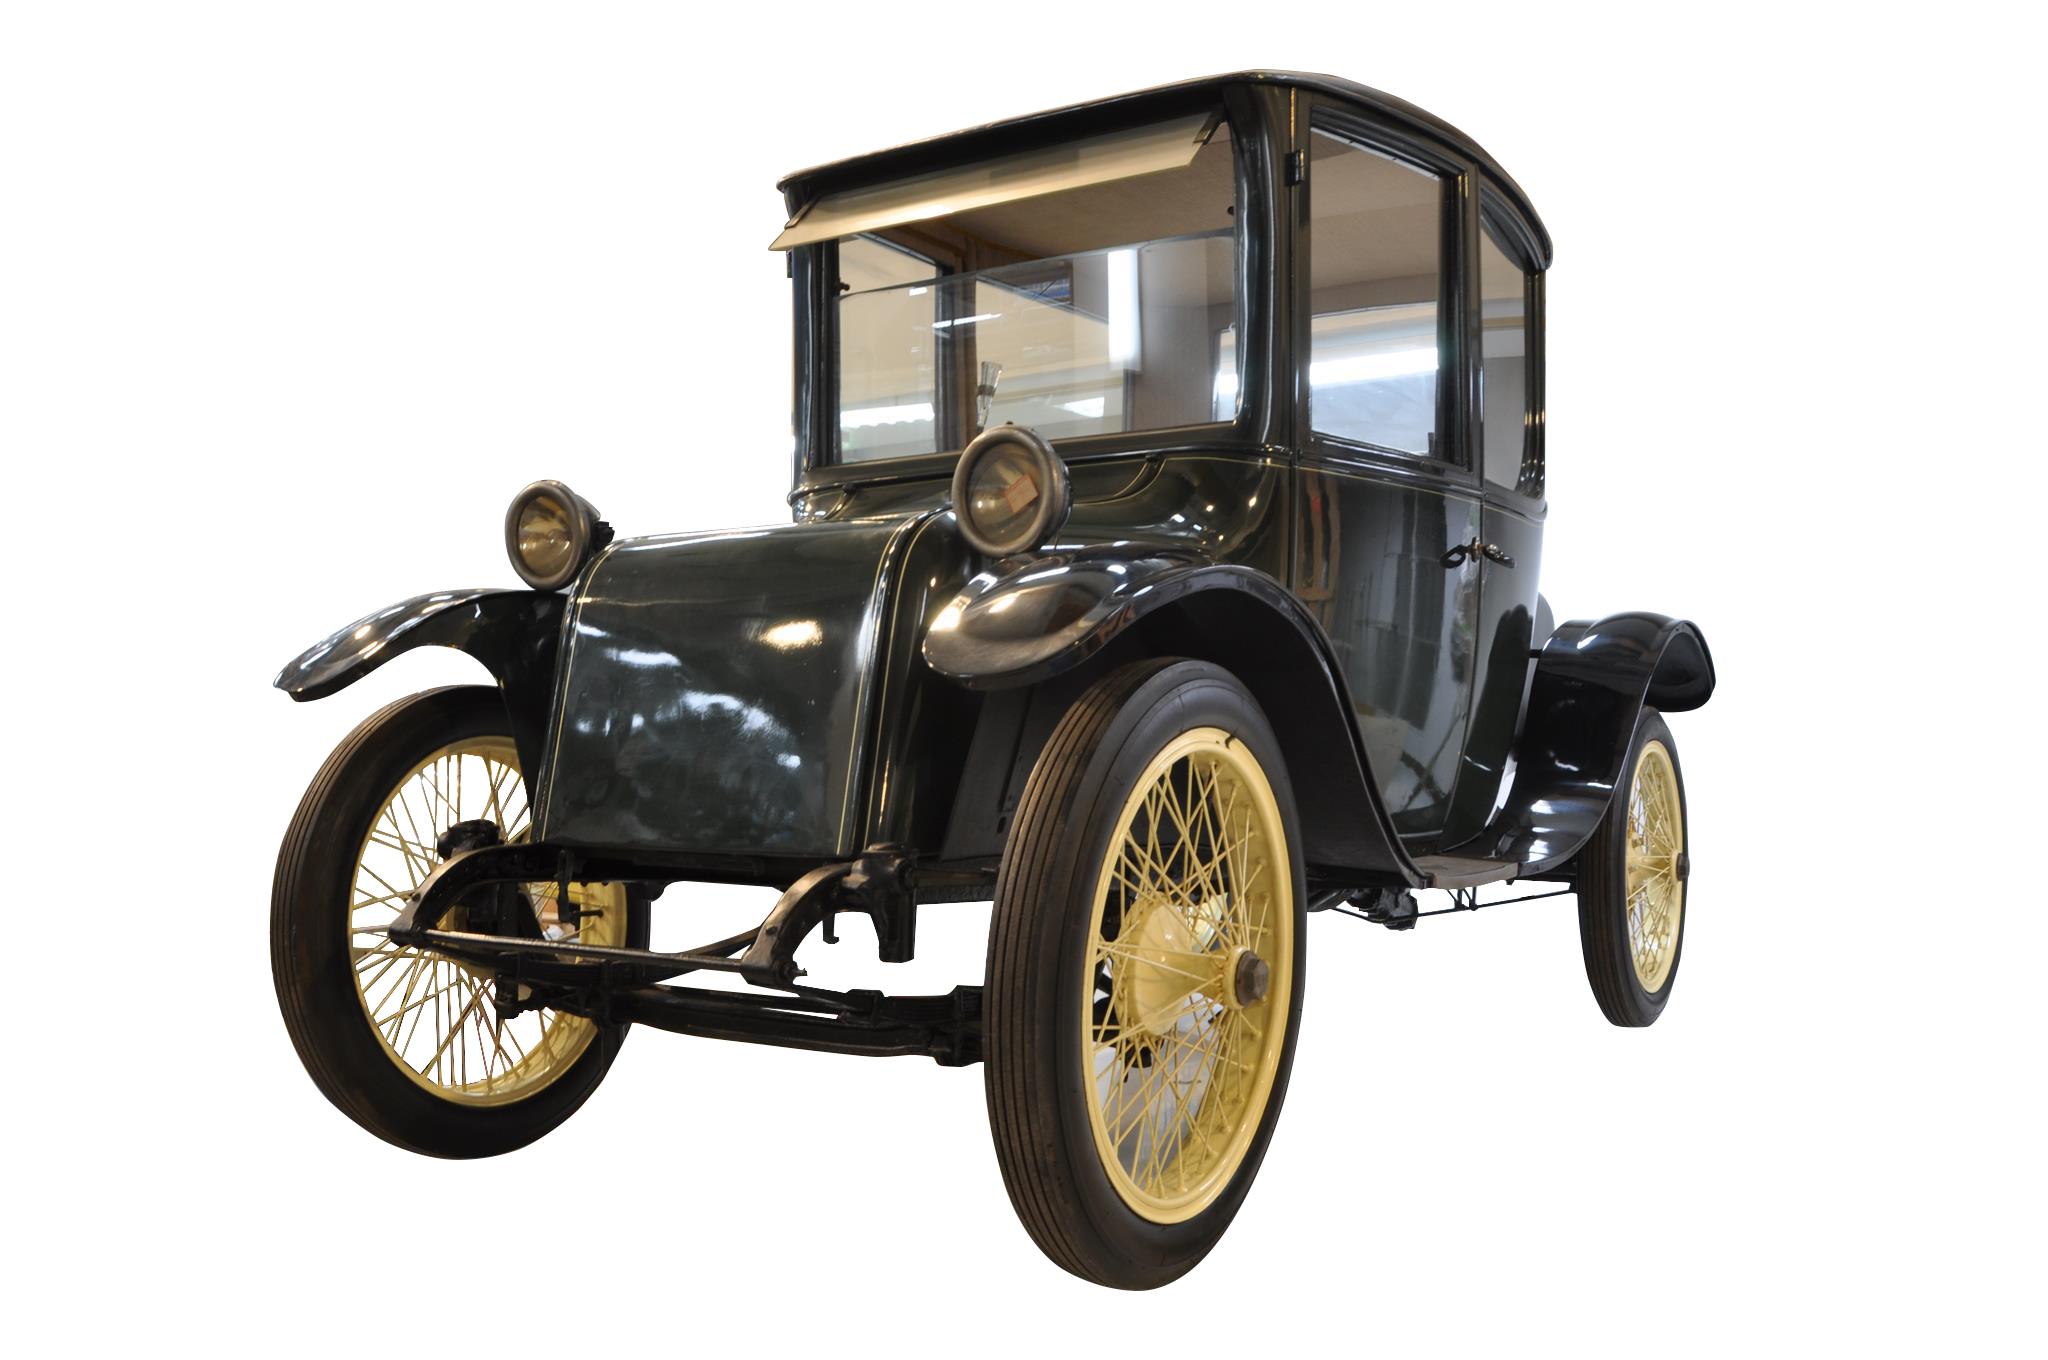 「日本を変えた千の技術博」 「ミルバーン電気自動車」 所蔵:国立科学博物館